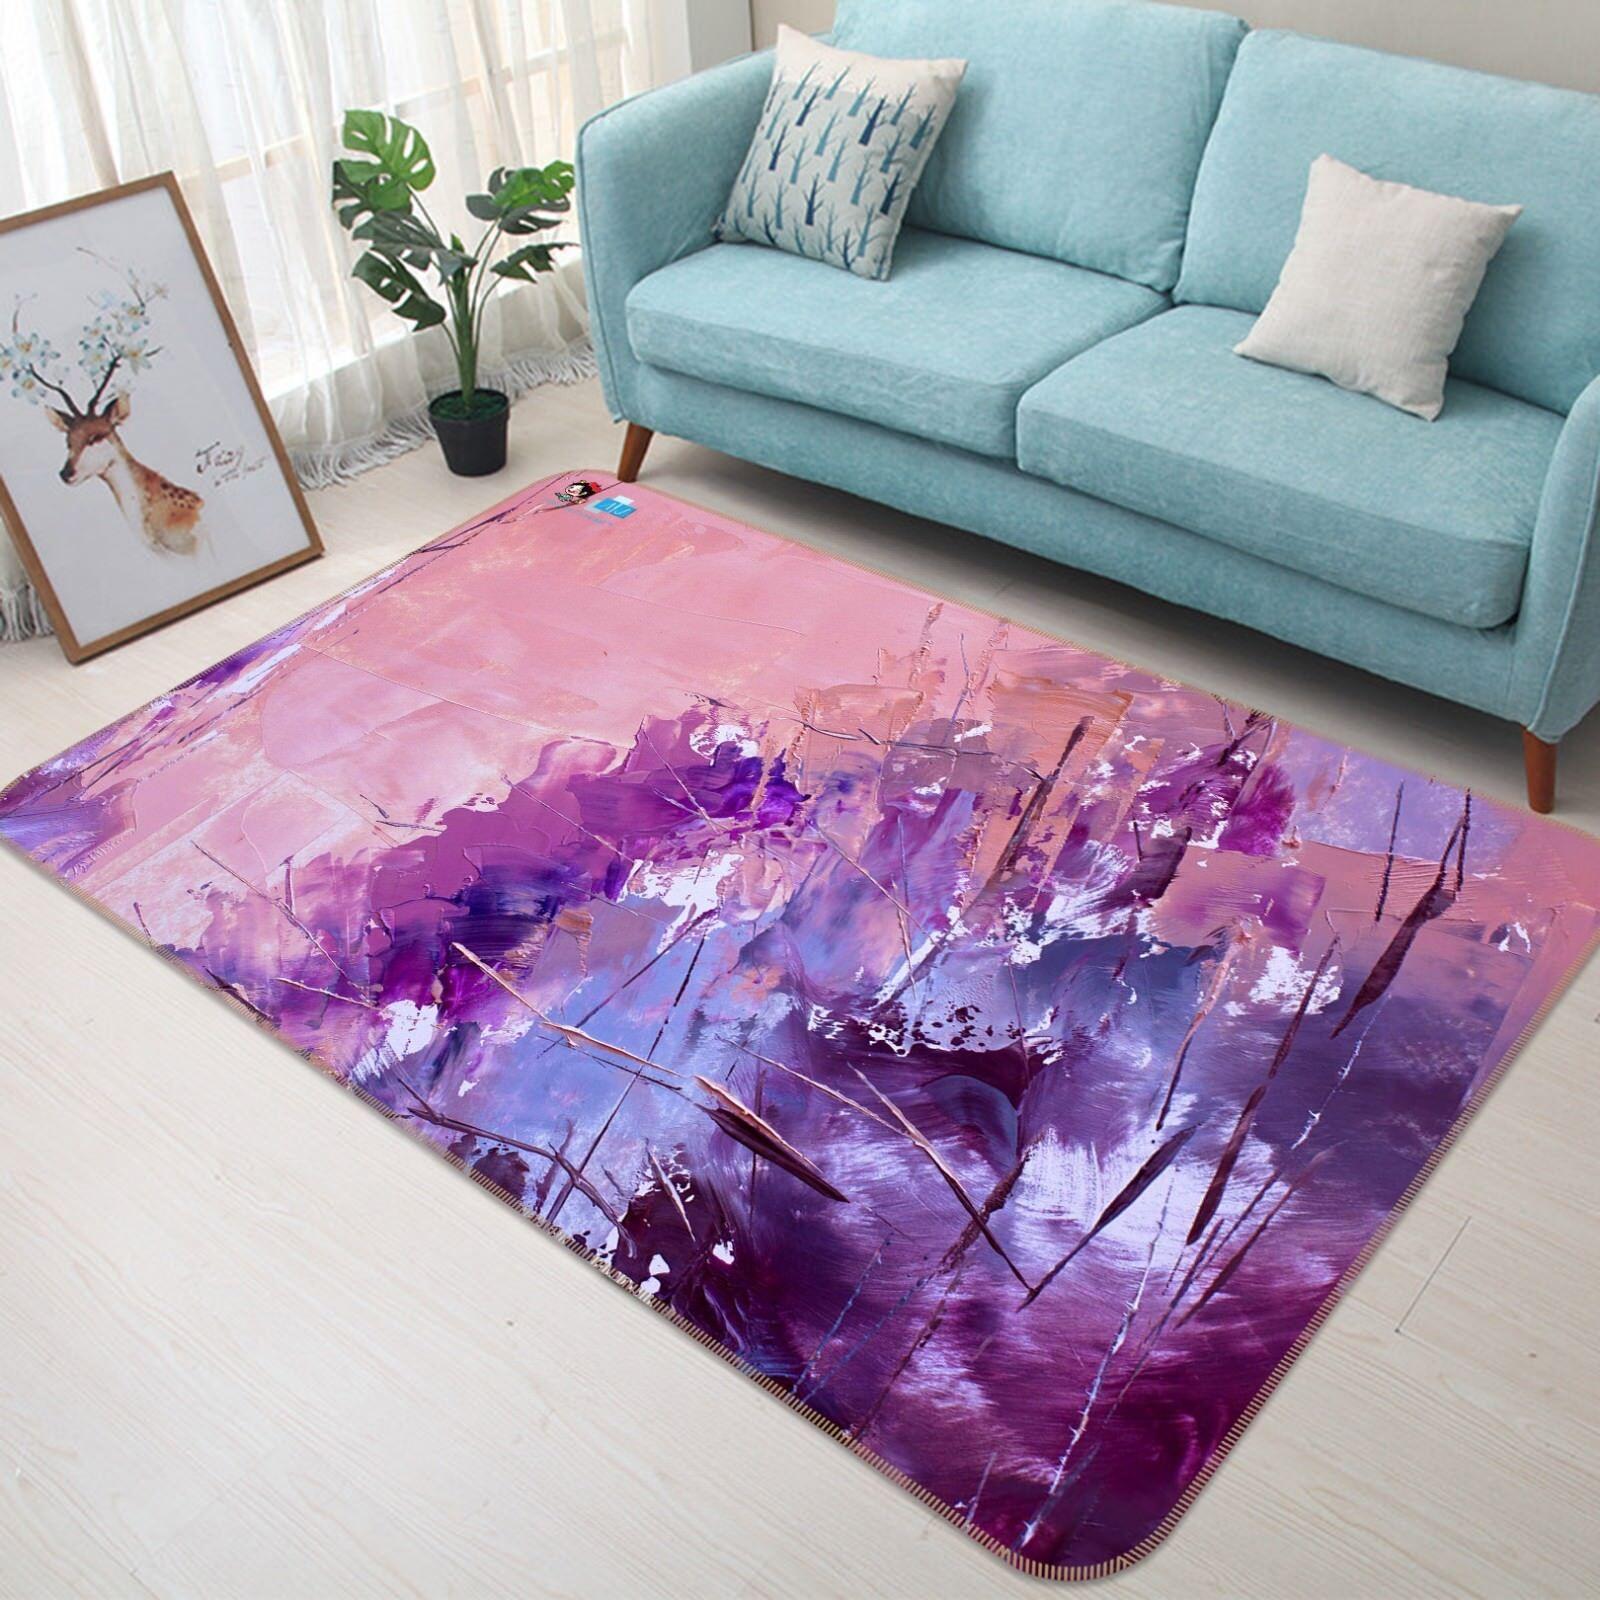 3d dipingere LILLA 52 antiscivolo TAPPETO TAPPETINO BAGAGLIAIO Qualità Tappeto Elegante De